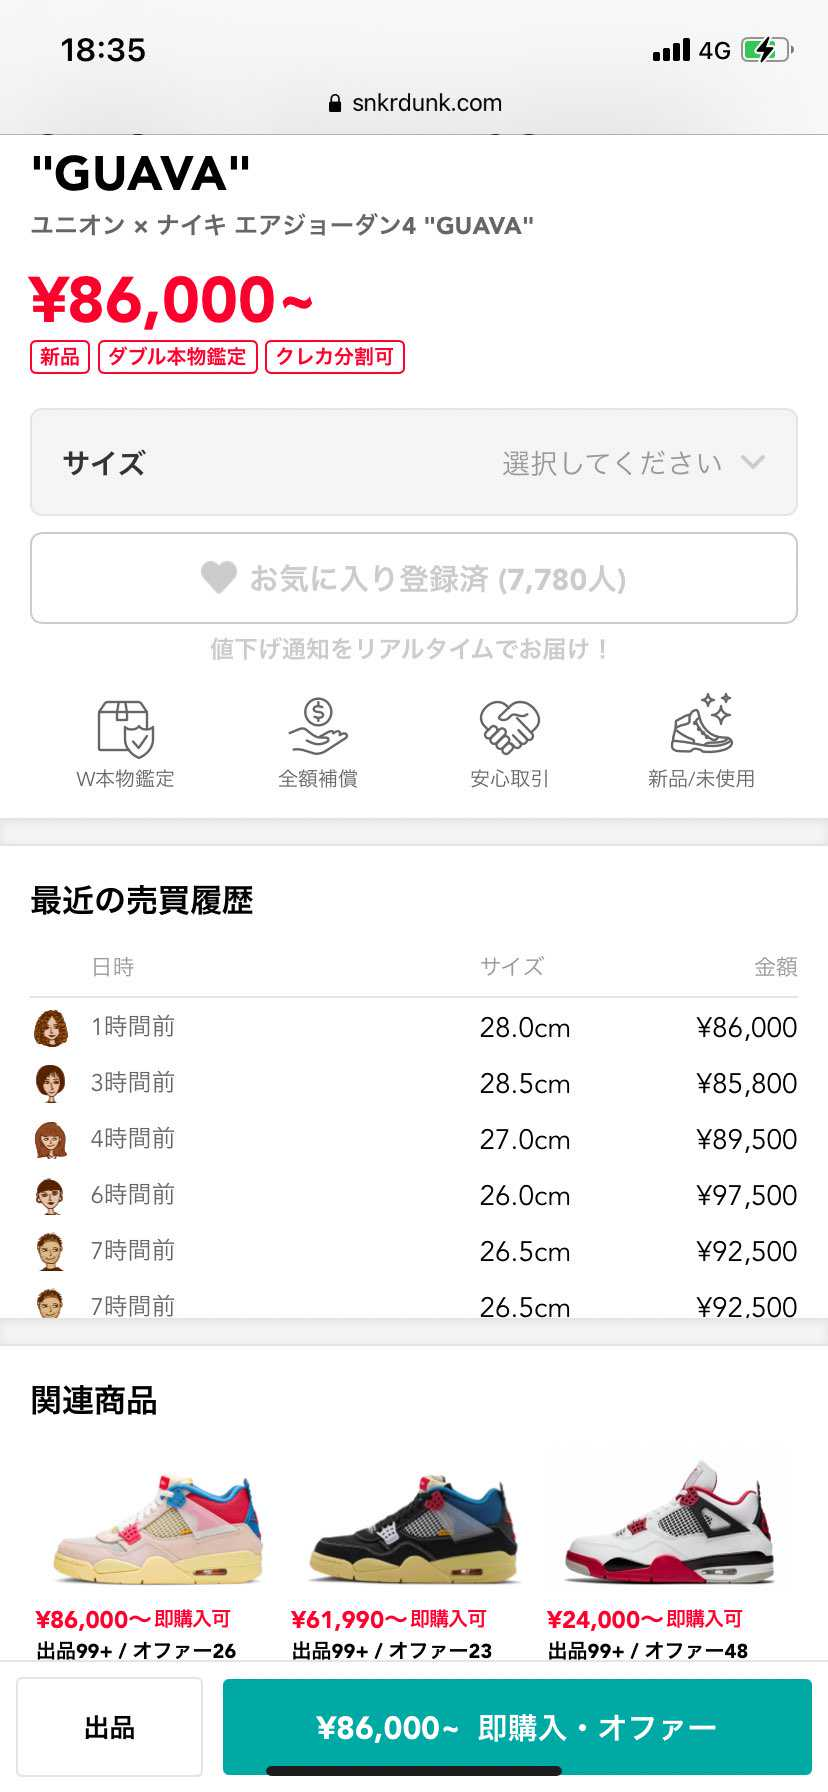 10万円代行きそうな勢いありますね😂💸